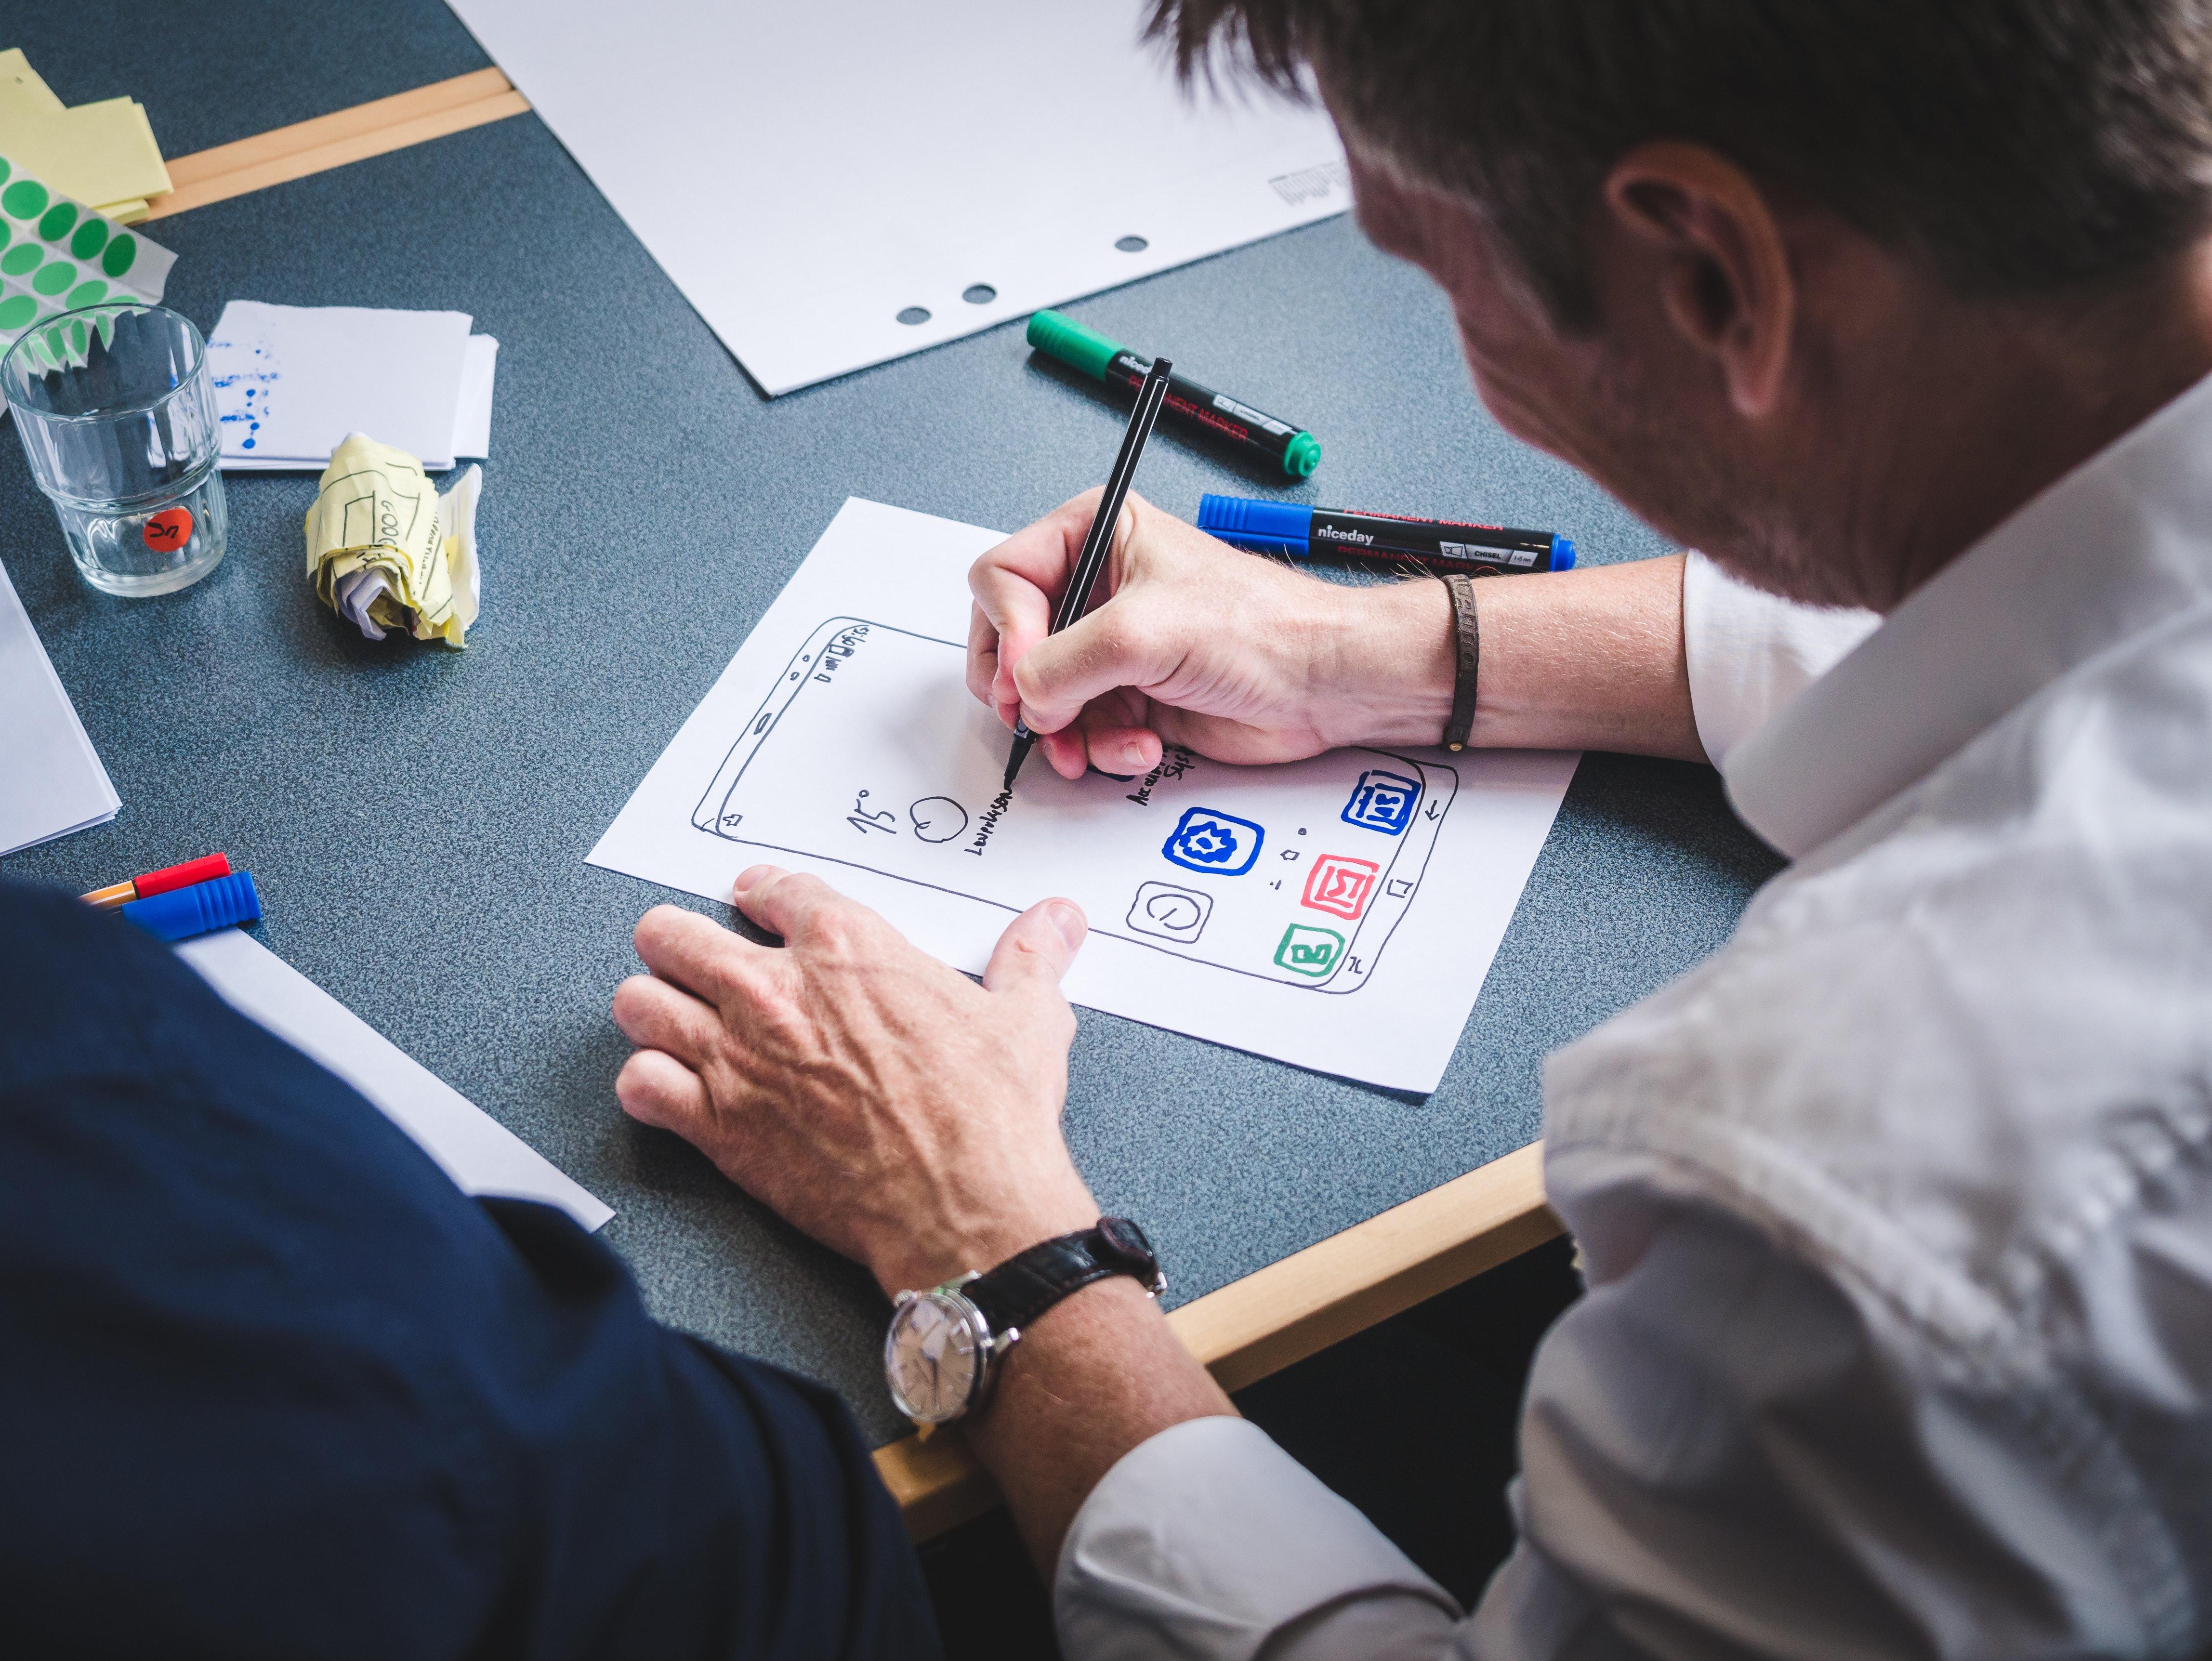 Дизайн-мышление: решаем задачи пошагово